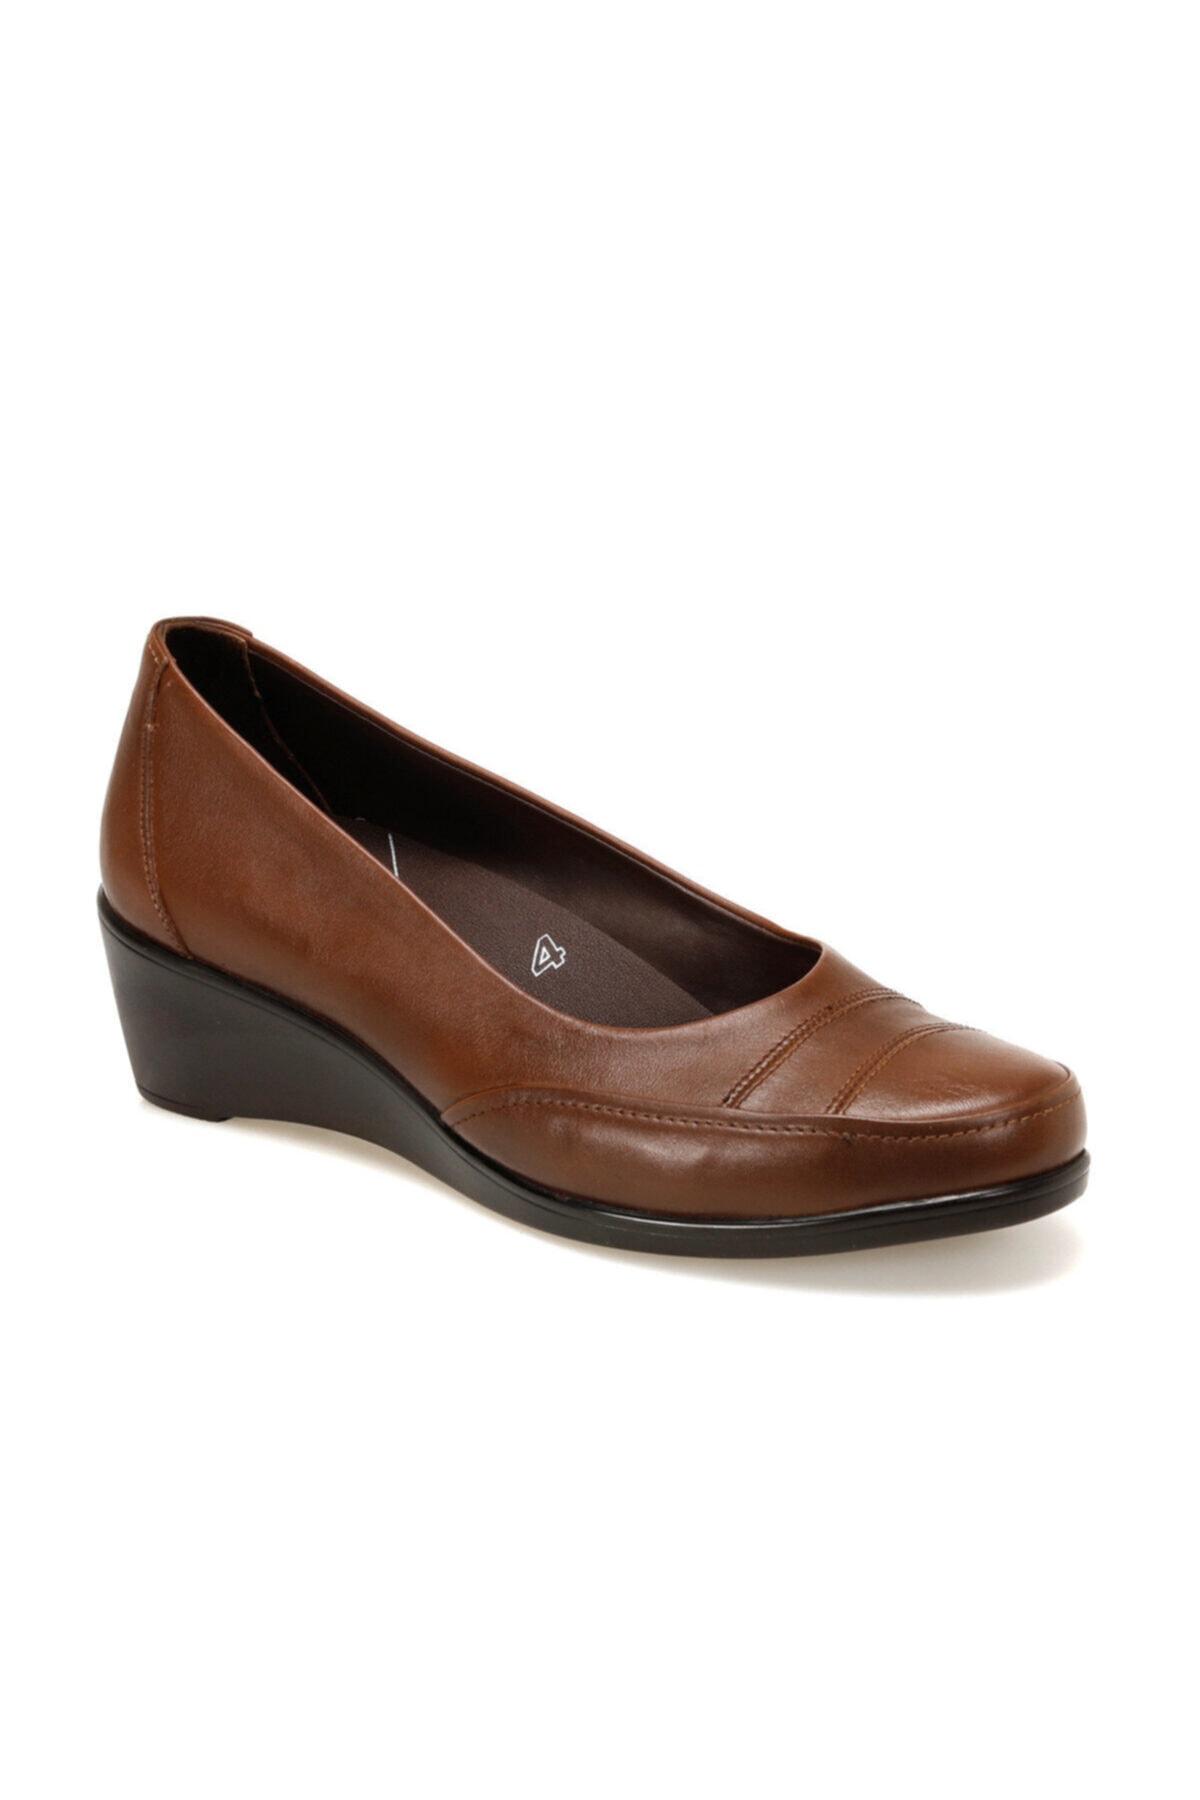 103151.Z Taba Kadın Comfort Ayakkabı 100555186